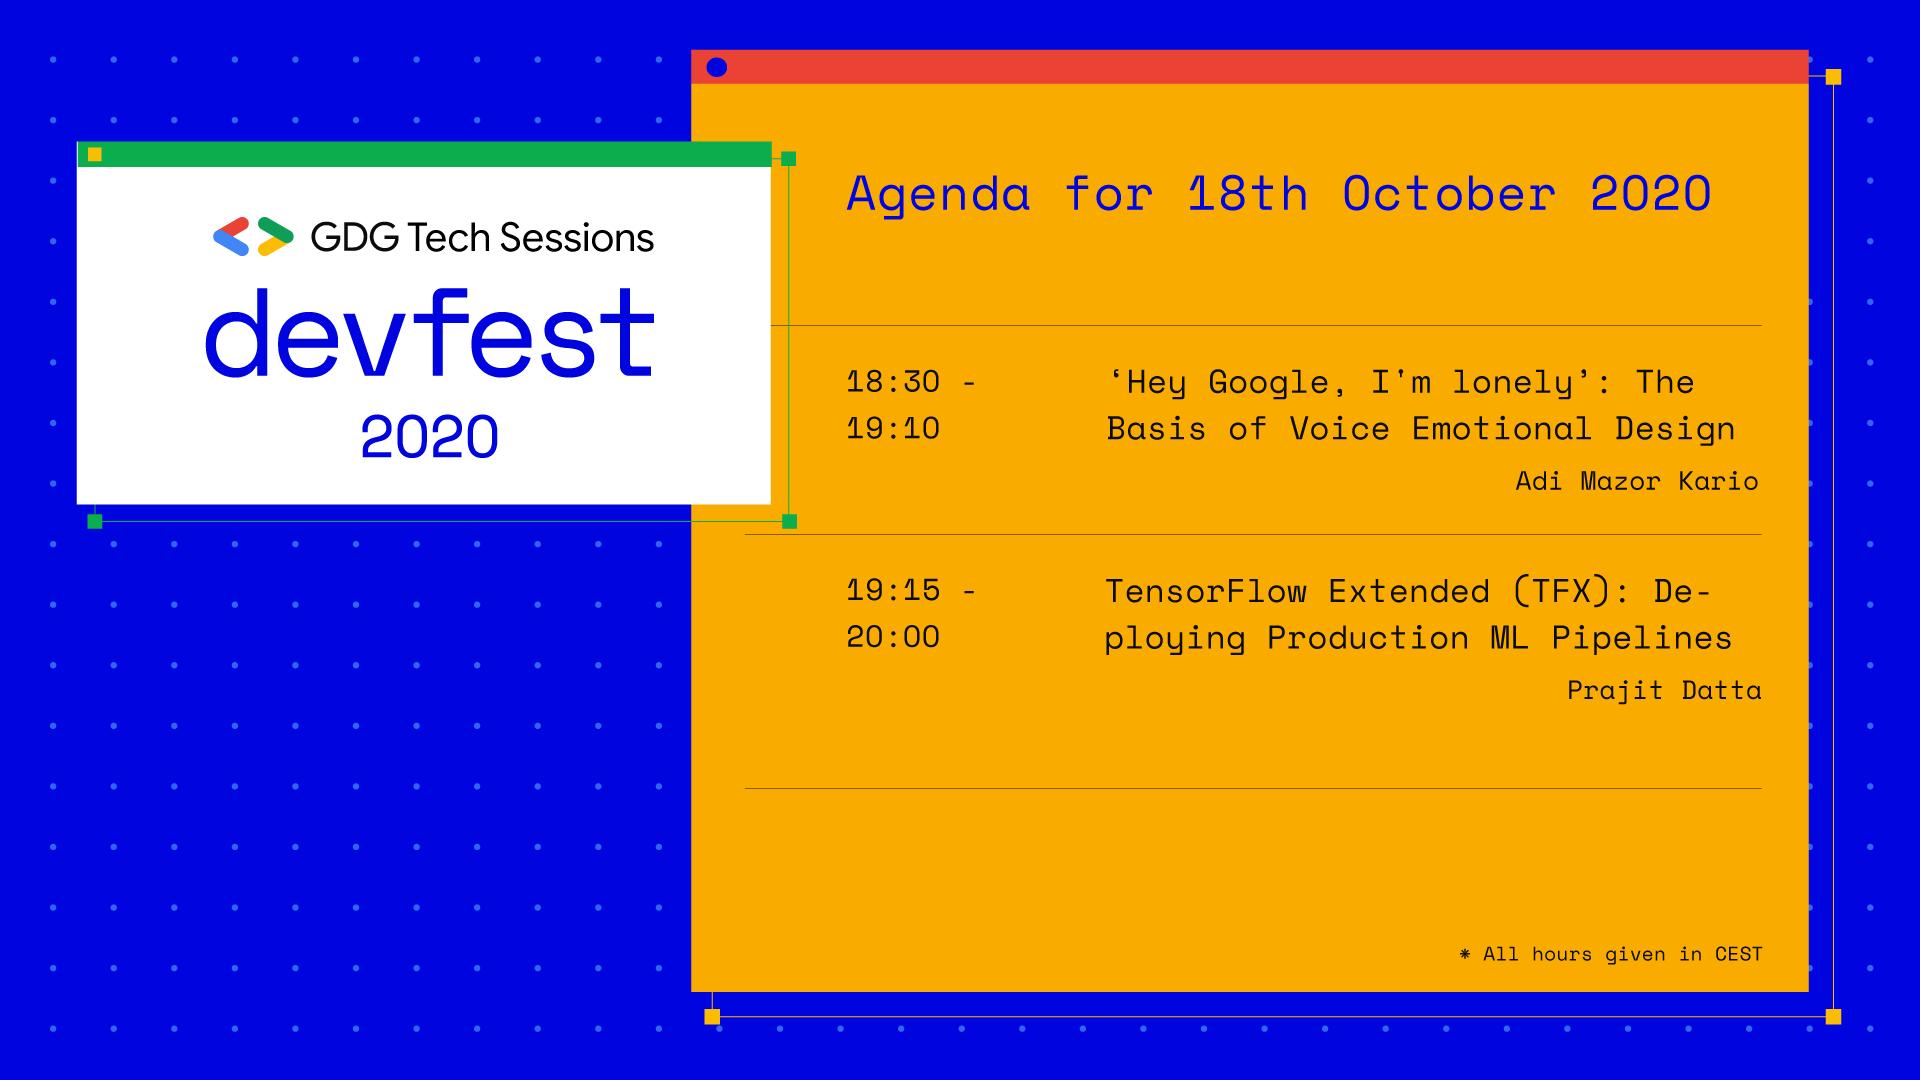 DevFest Agenda